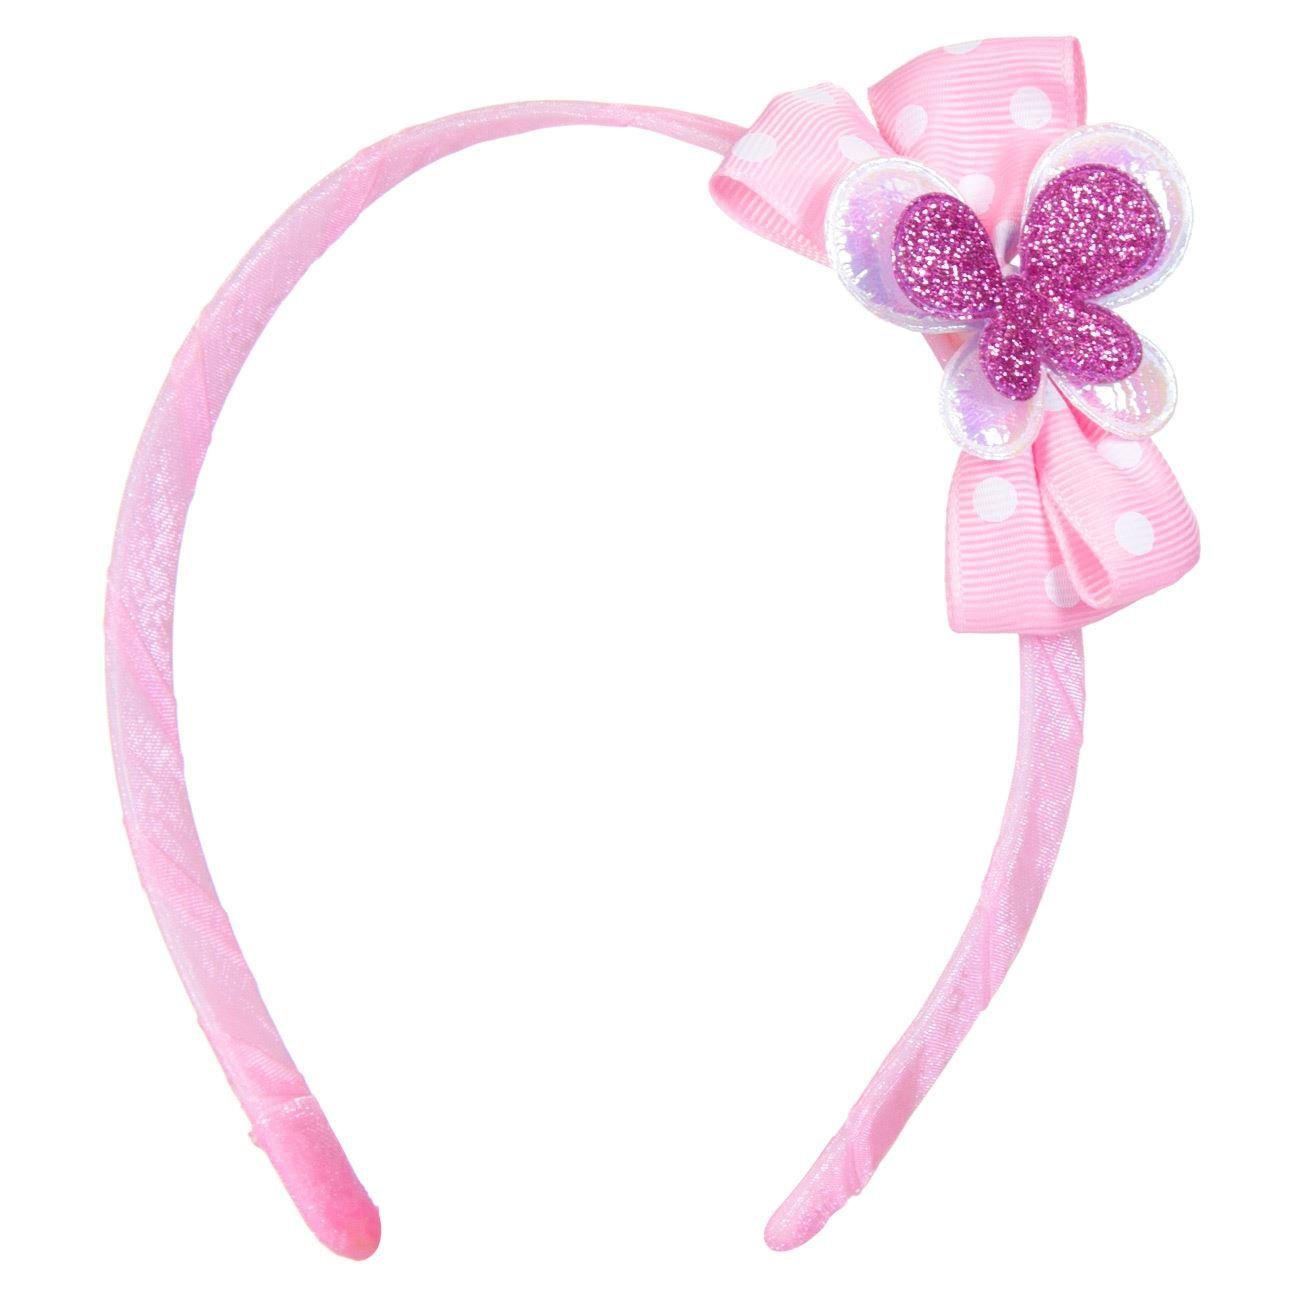 20586b6182f Στέκα Μαλλιών Παιδική Ροζ Φιόγκος Μωβ Πεταλούδα